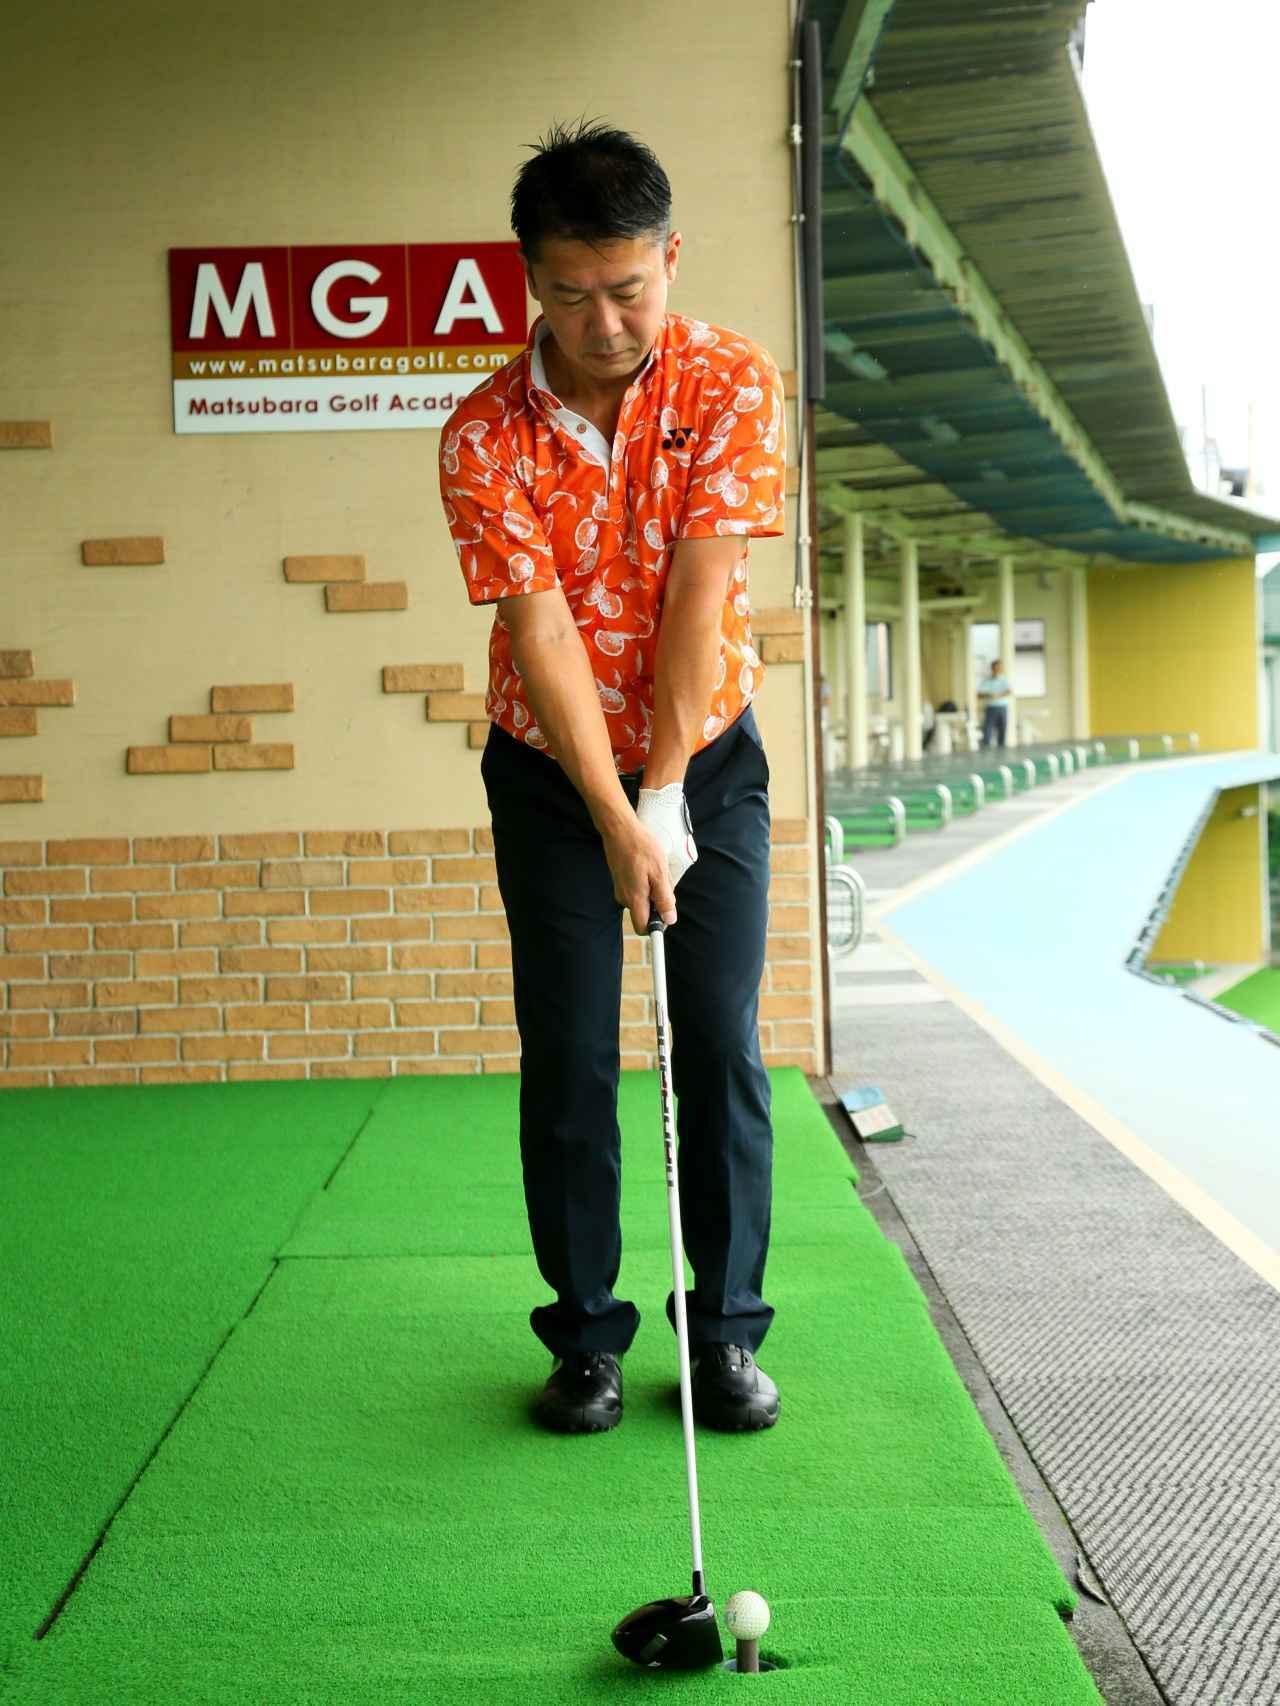 画像1: 【練習方法】プレー前夜、練習場に駆け込んだらコレ! アベレージゴルファーのための「ラウンド前の一夜漬け練習」